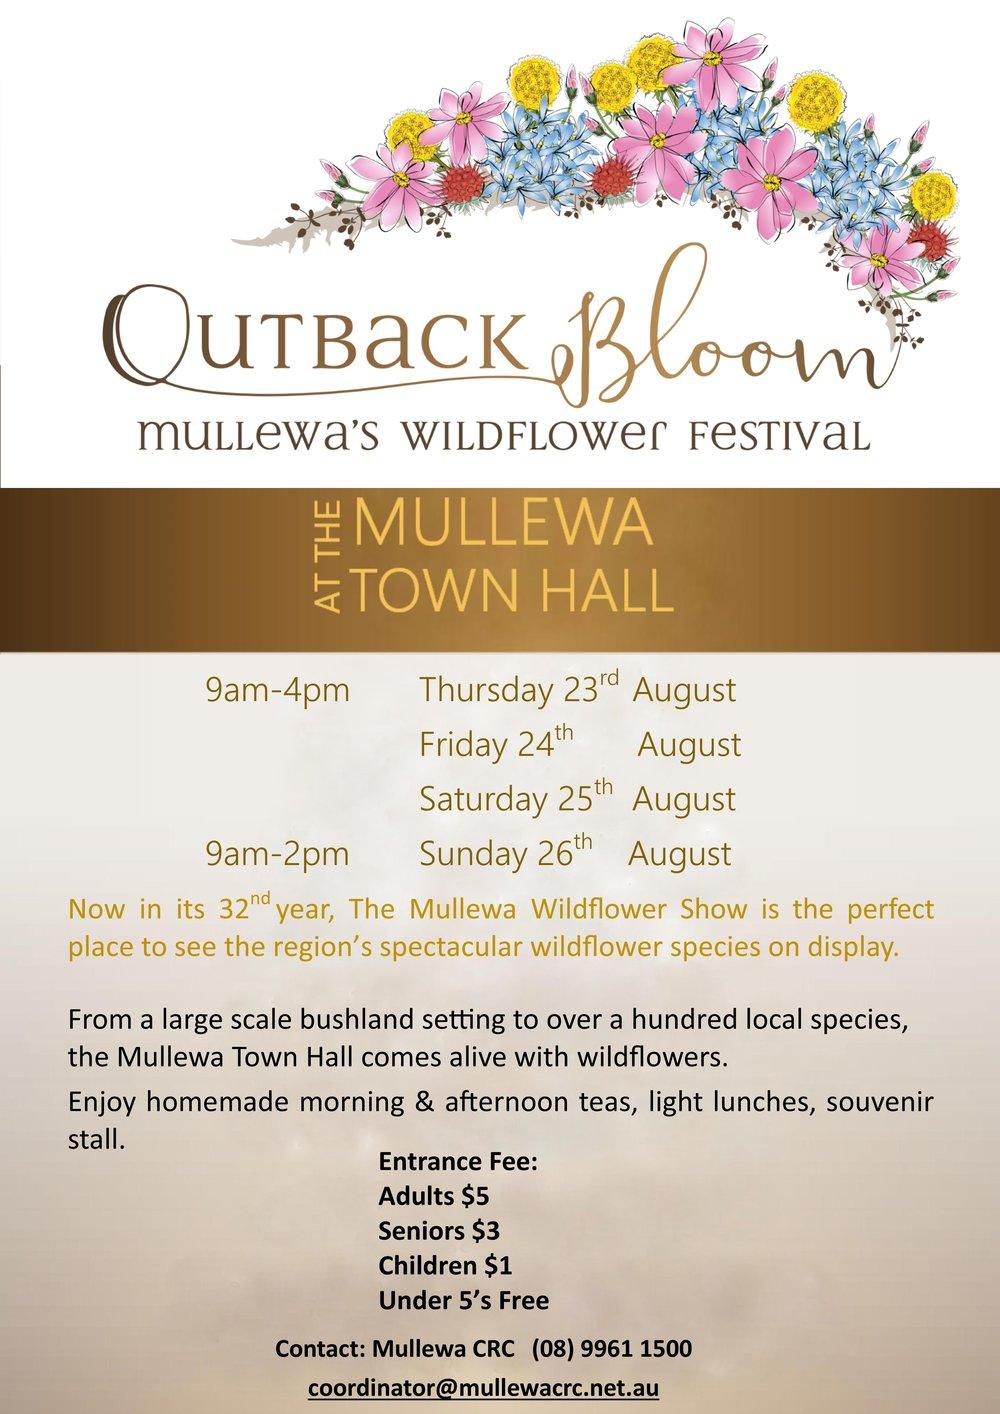 17967424_Mullewa Wildflower Show Flyer 2018.jpg